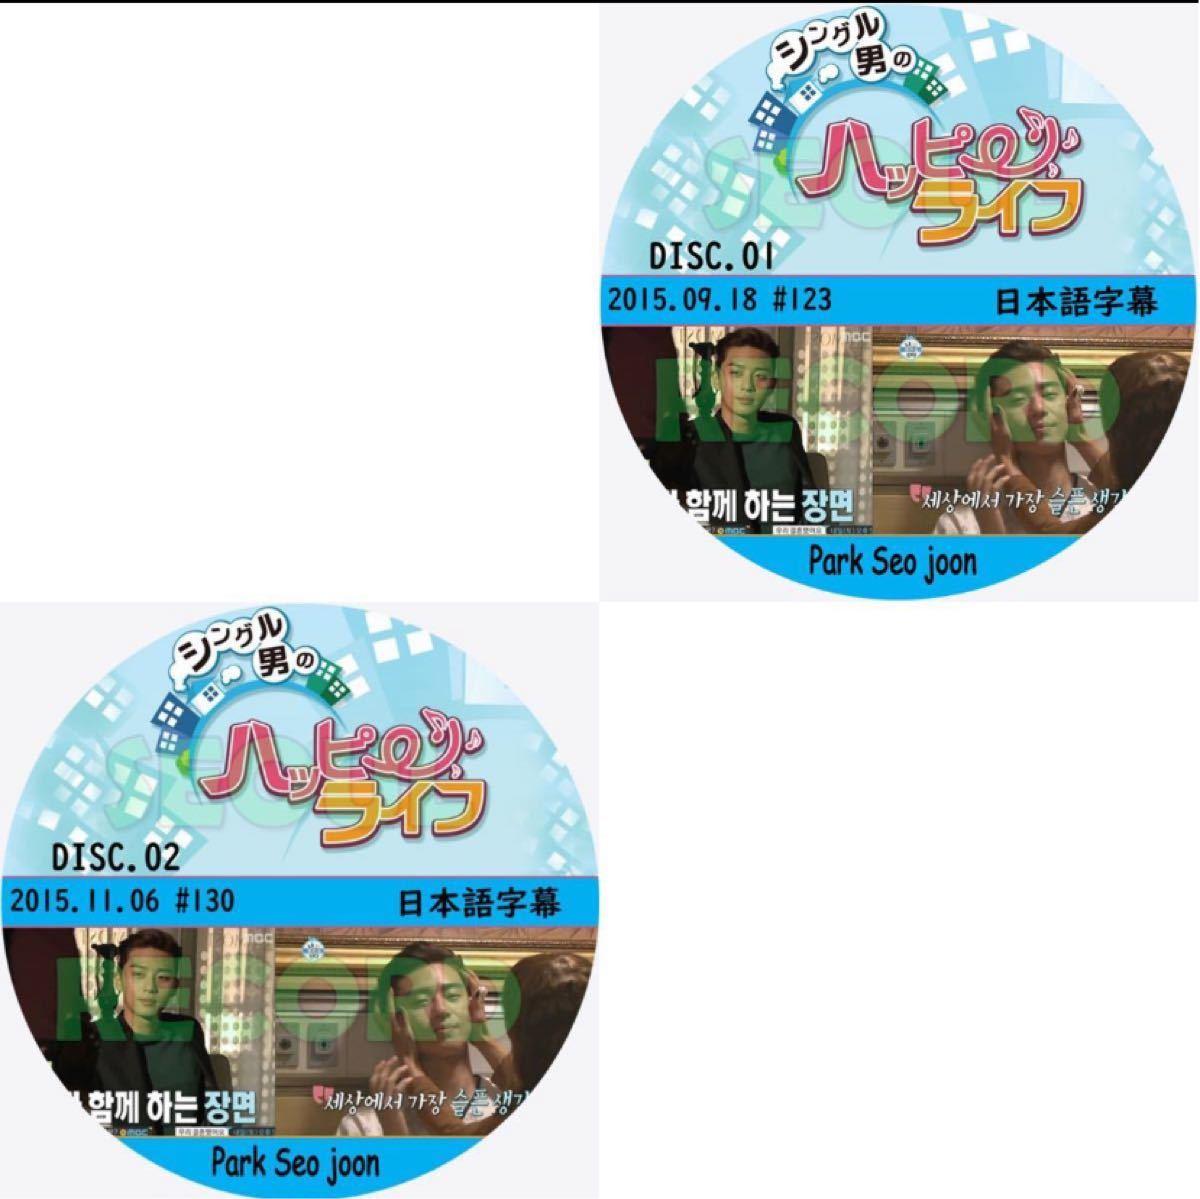 パク・ソジュン 出演2回分「シングル男のハッピーライフ」15.09.18+15.11.06 日本語字幕付  DVD2枚レーベル印刷